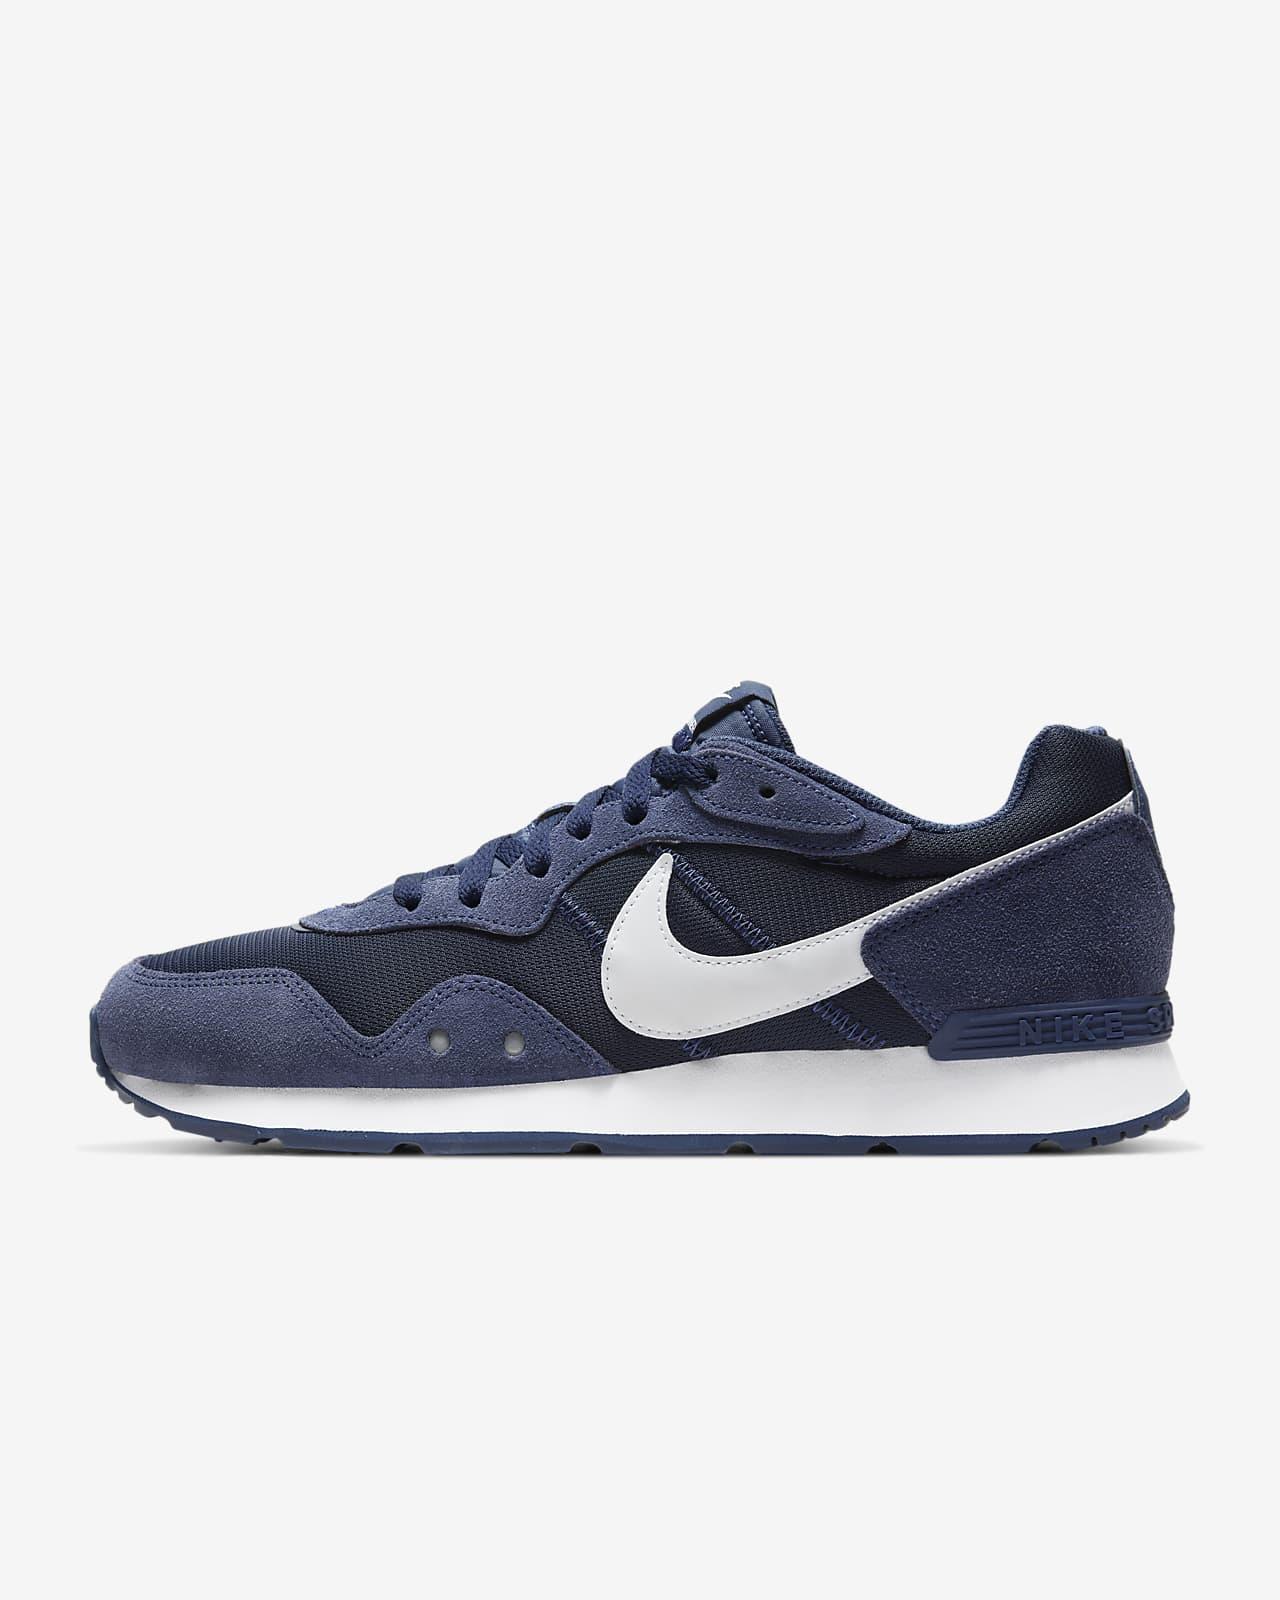 Ανδρικό παπούτσι Nike Venture Runner